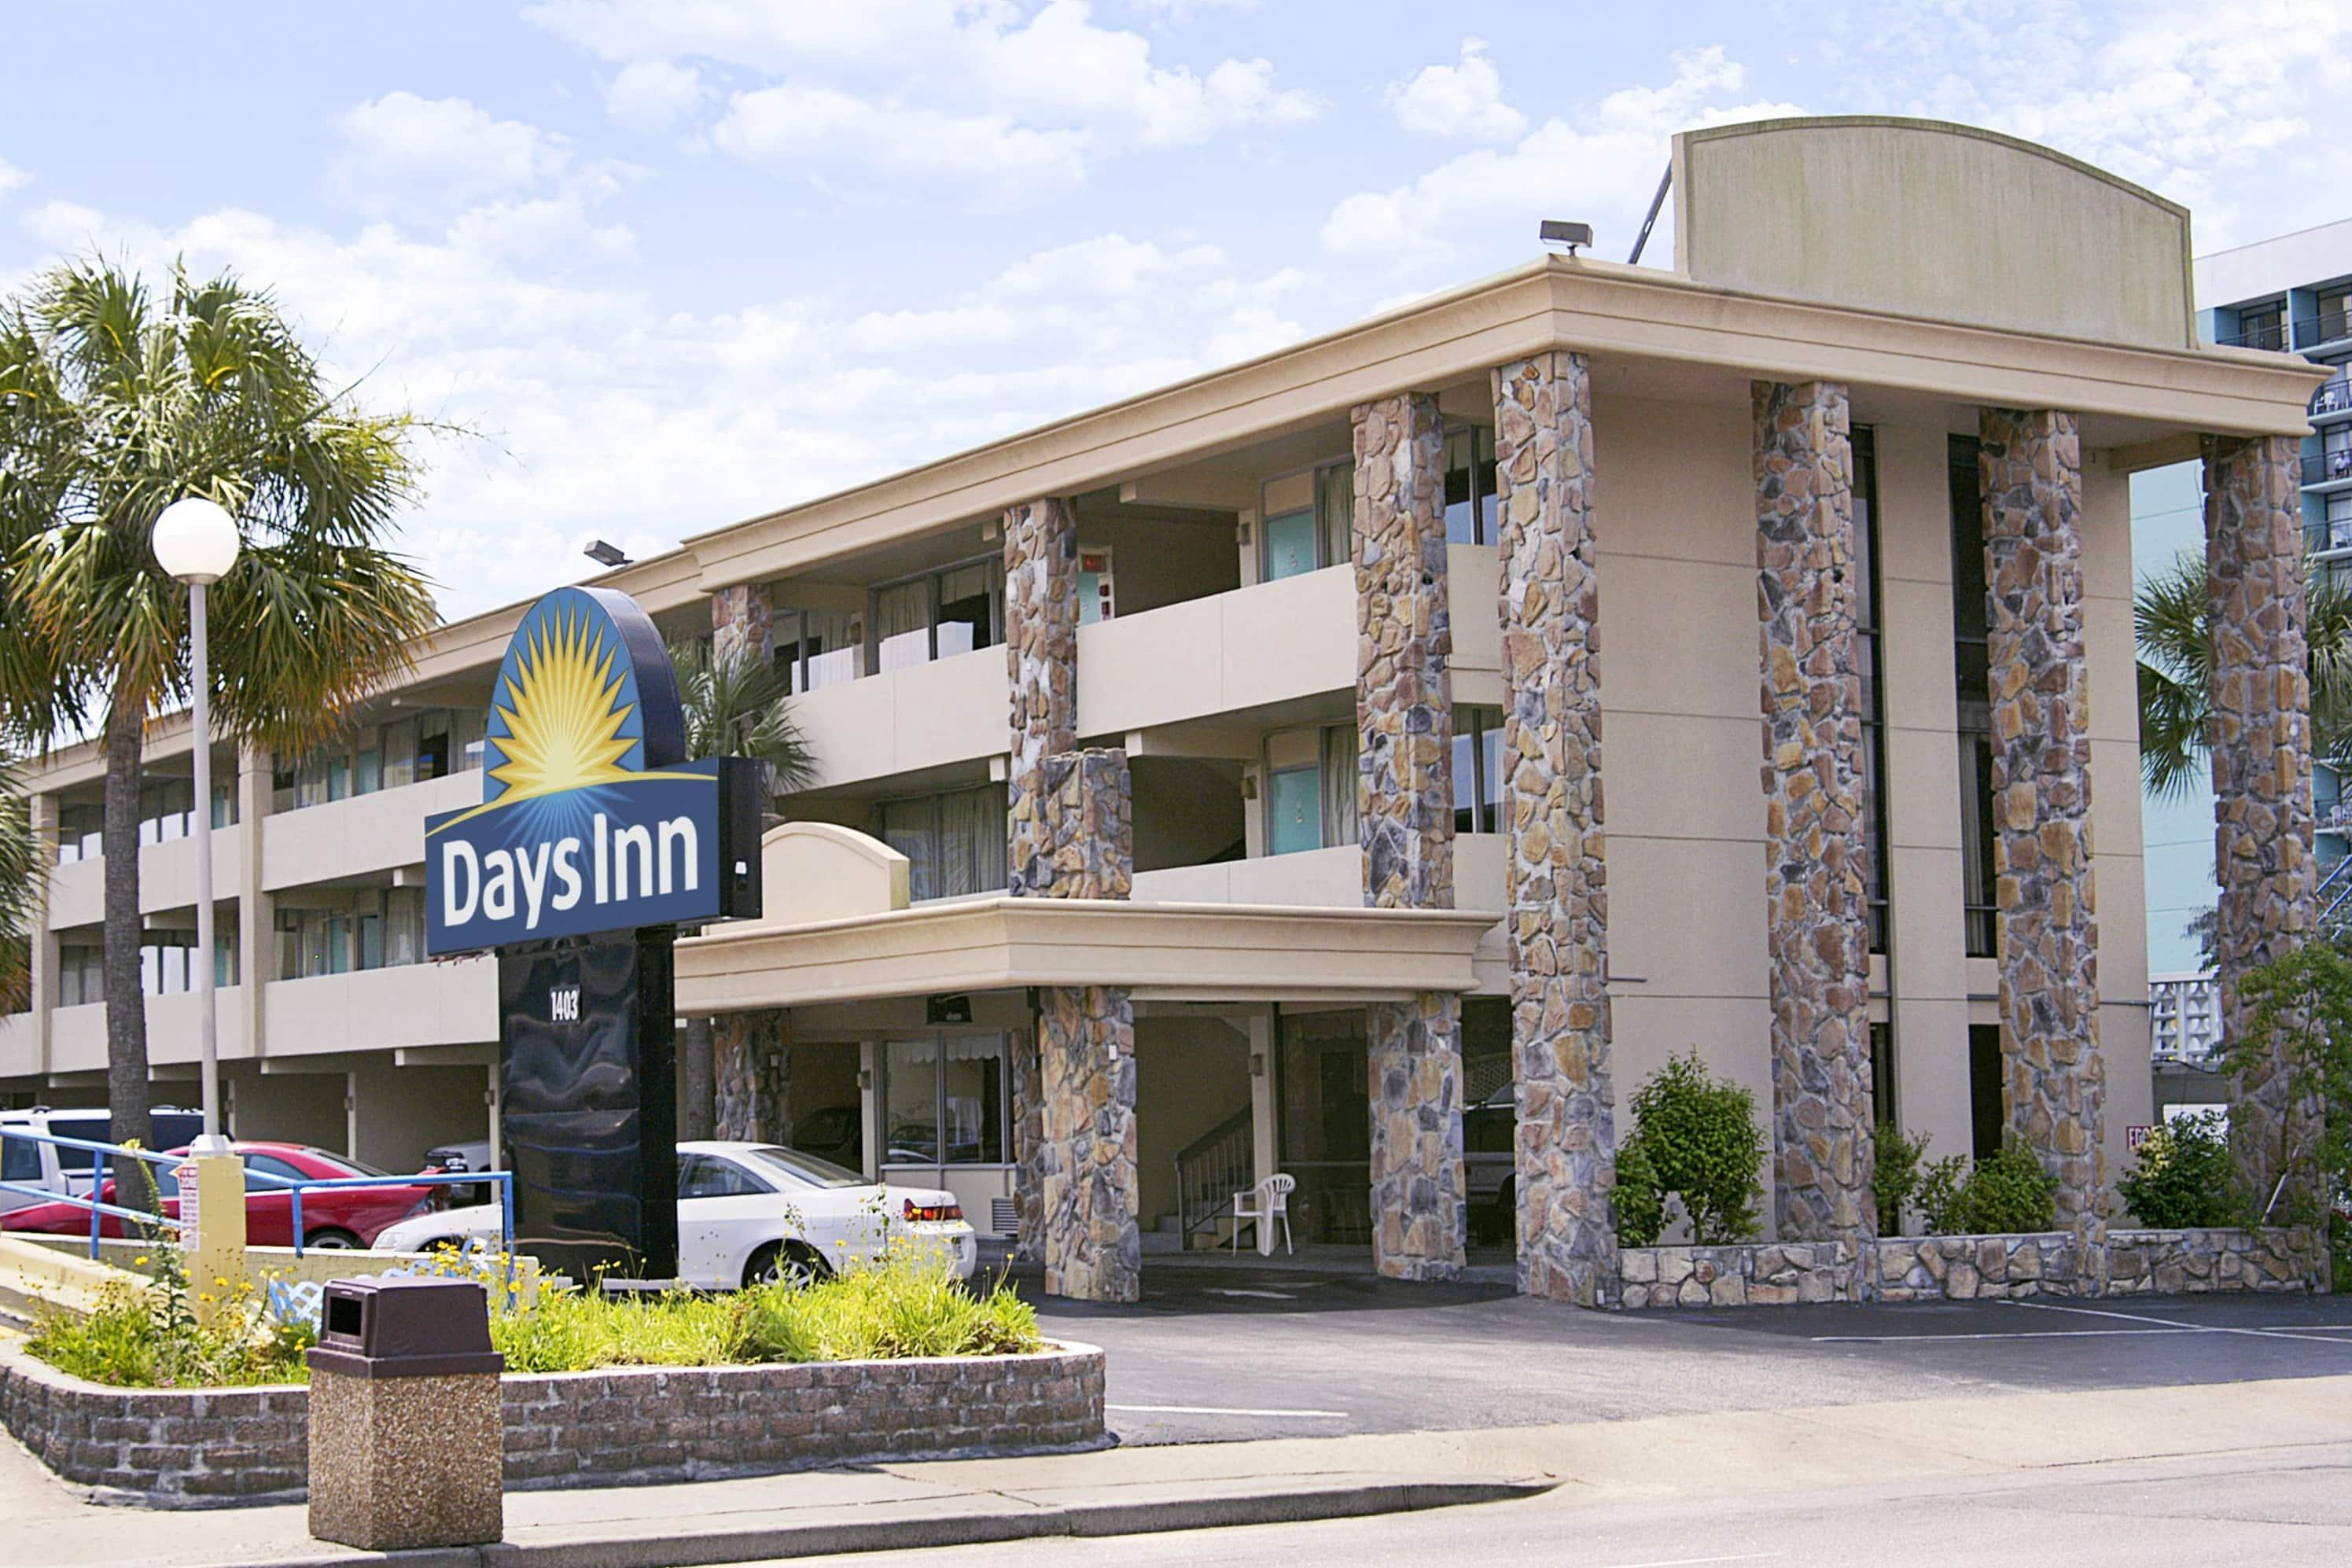 Days Inn Myrtle Beach Beach Front Myrtle Beach Hotels SC 29577